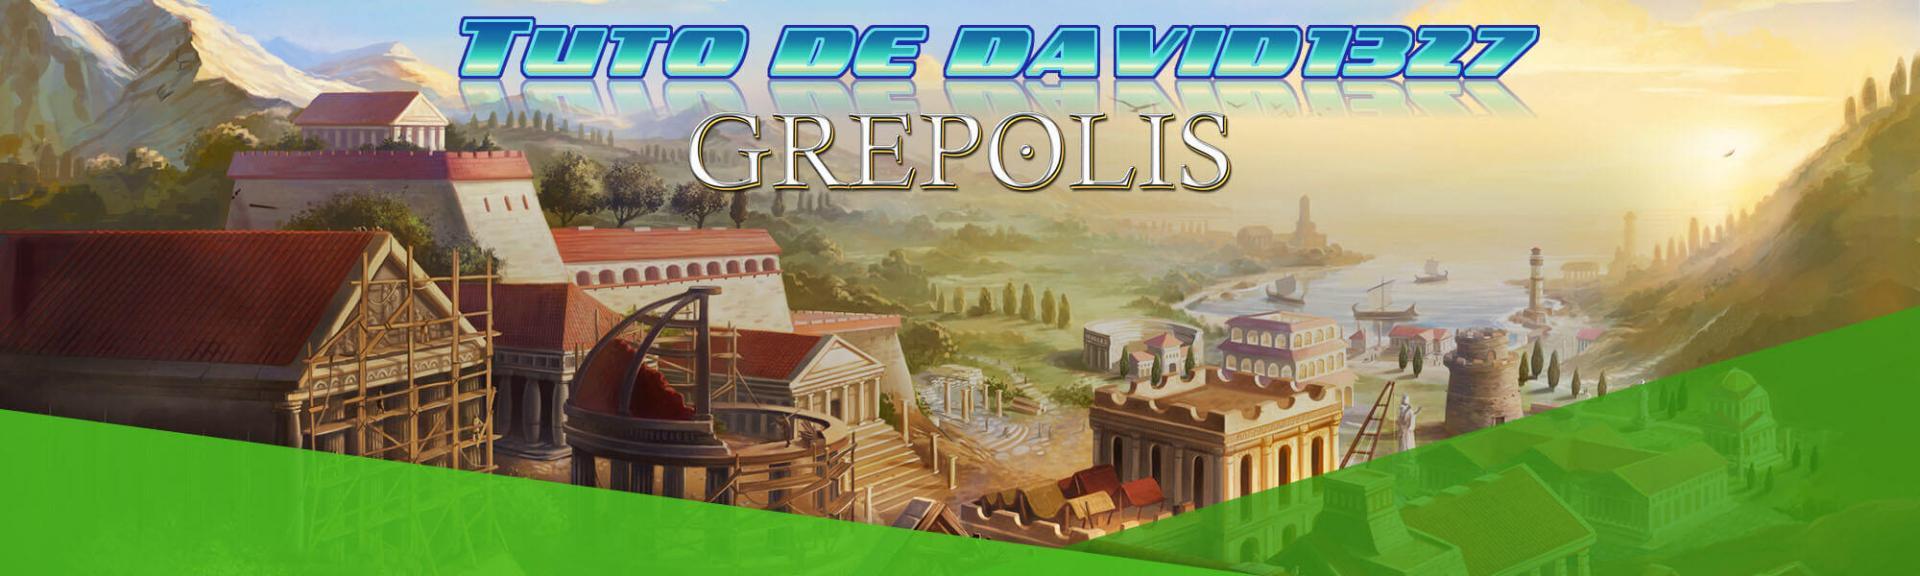 Guide of david1327